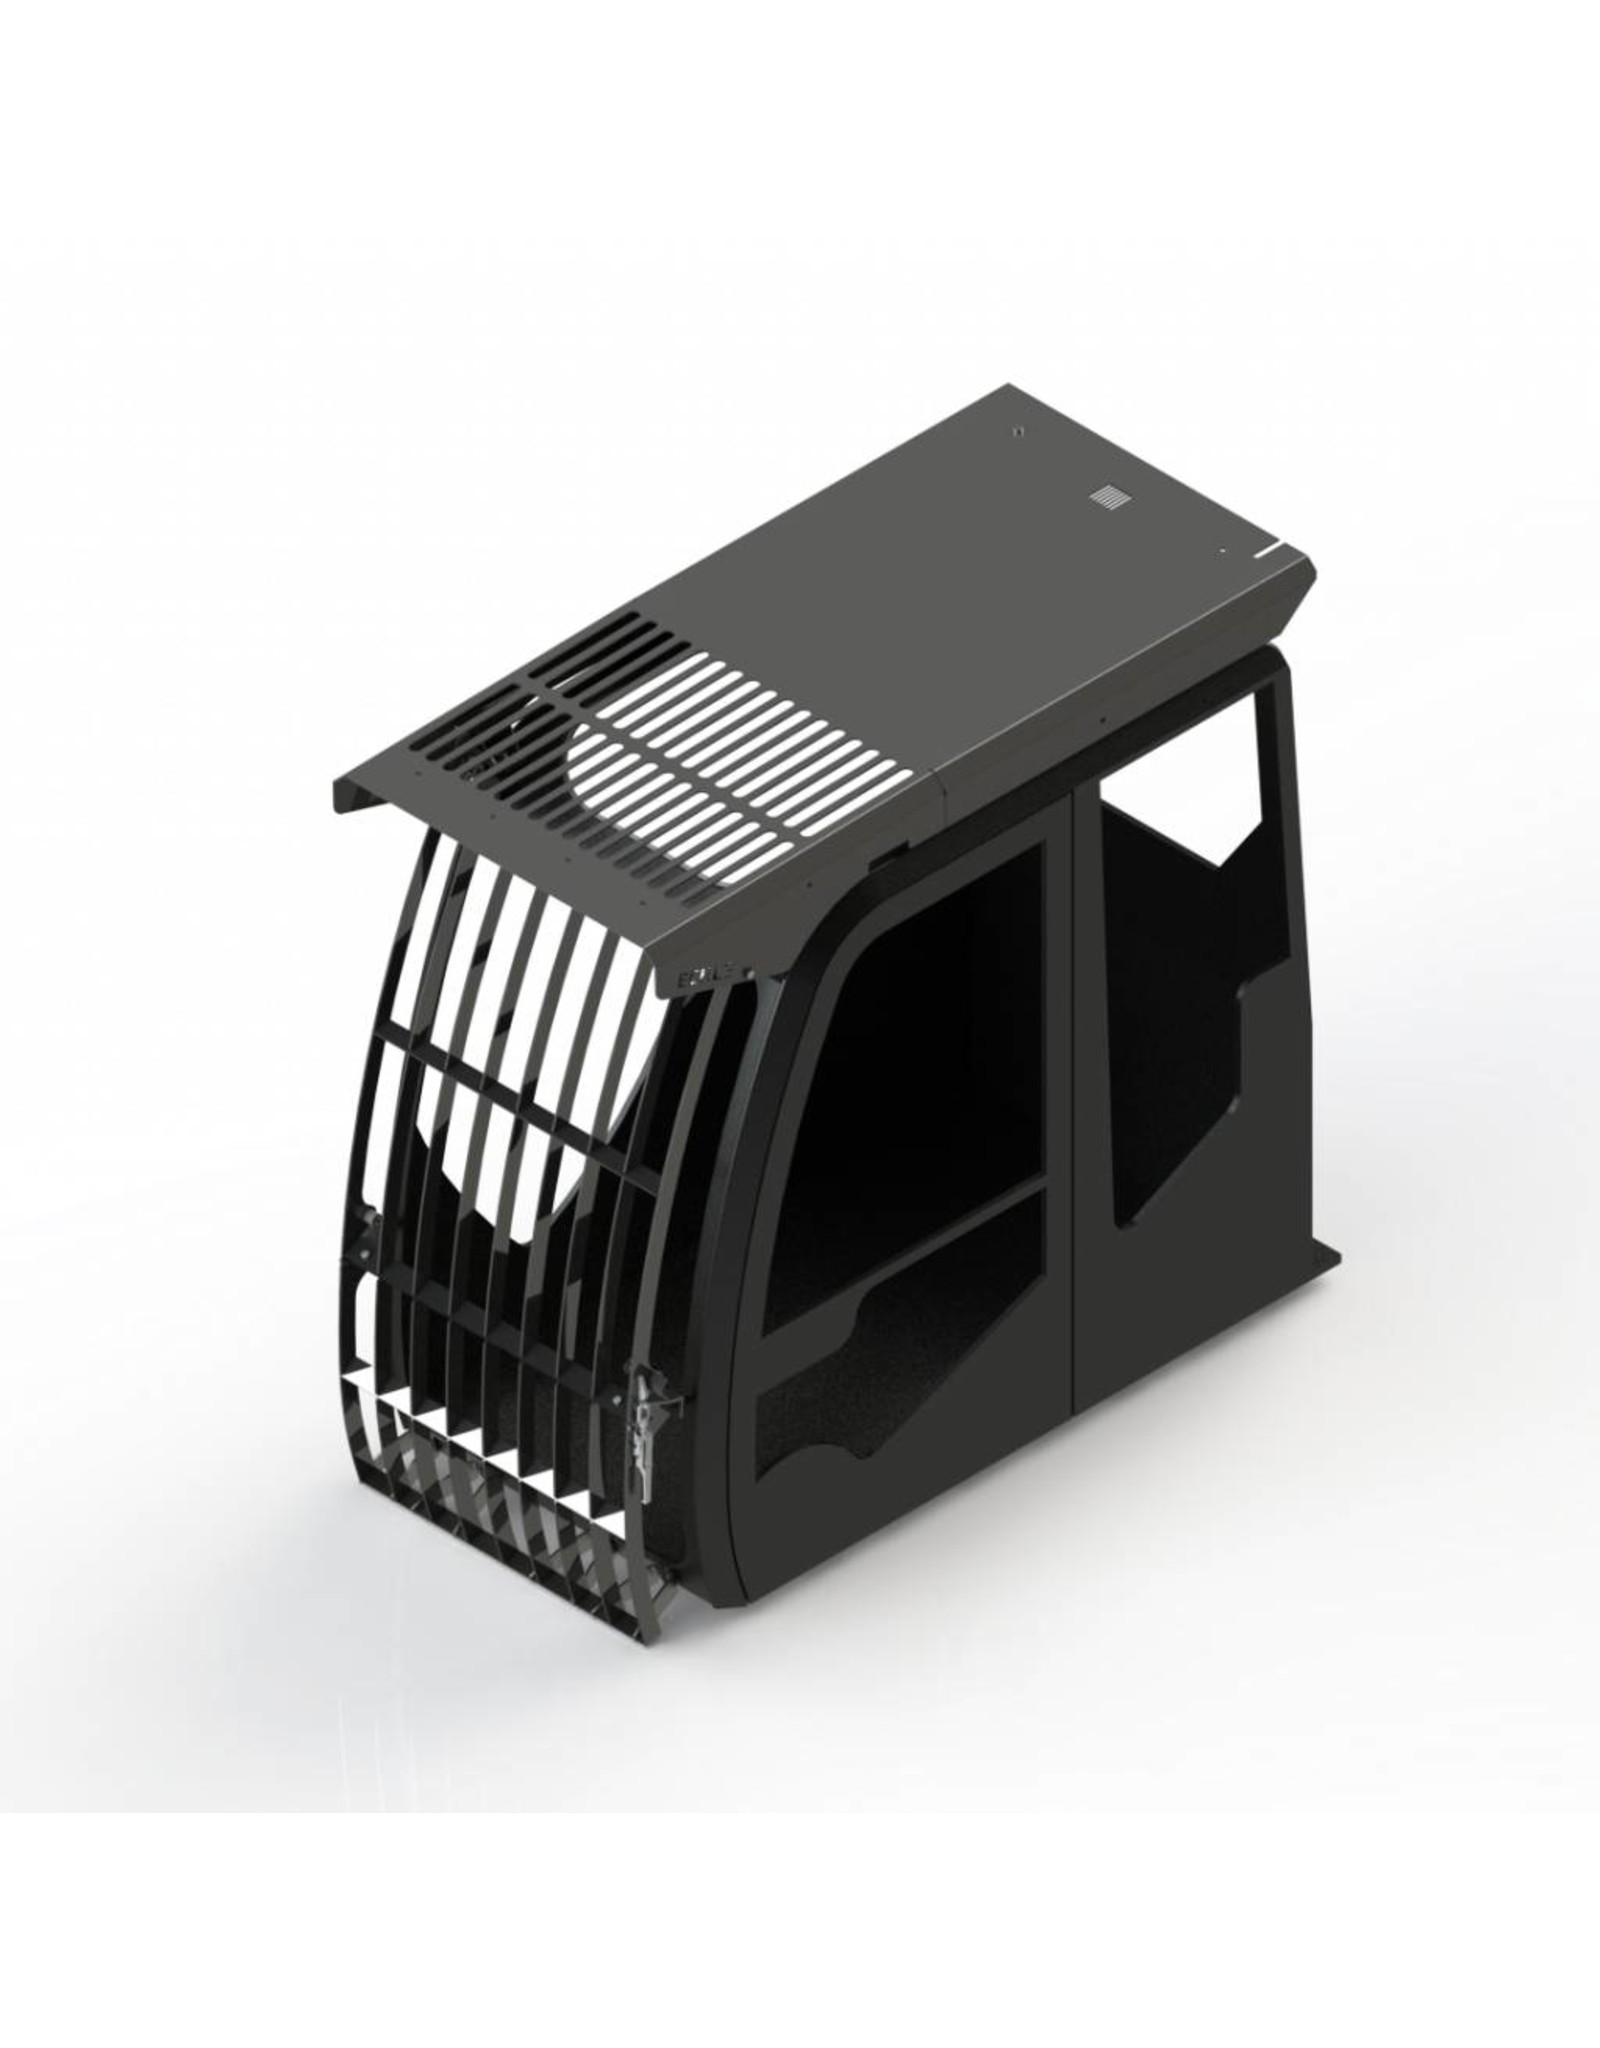 Echle Hartstahl GmbH FOPS für Komatsu PC138US-10/11